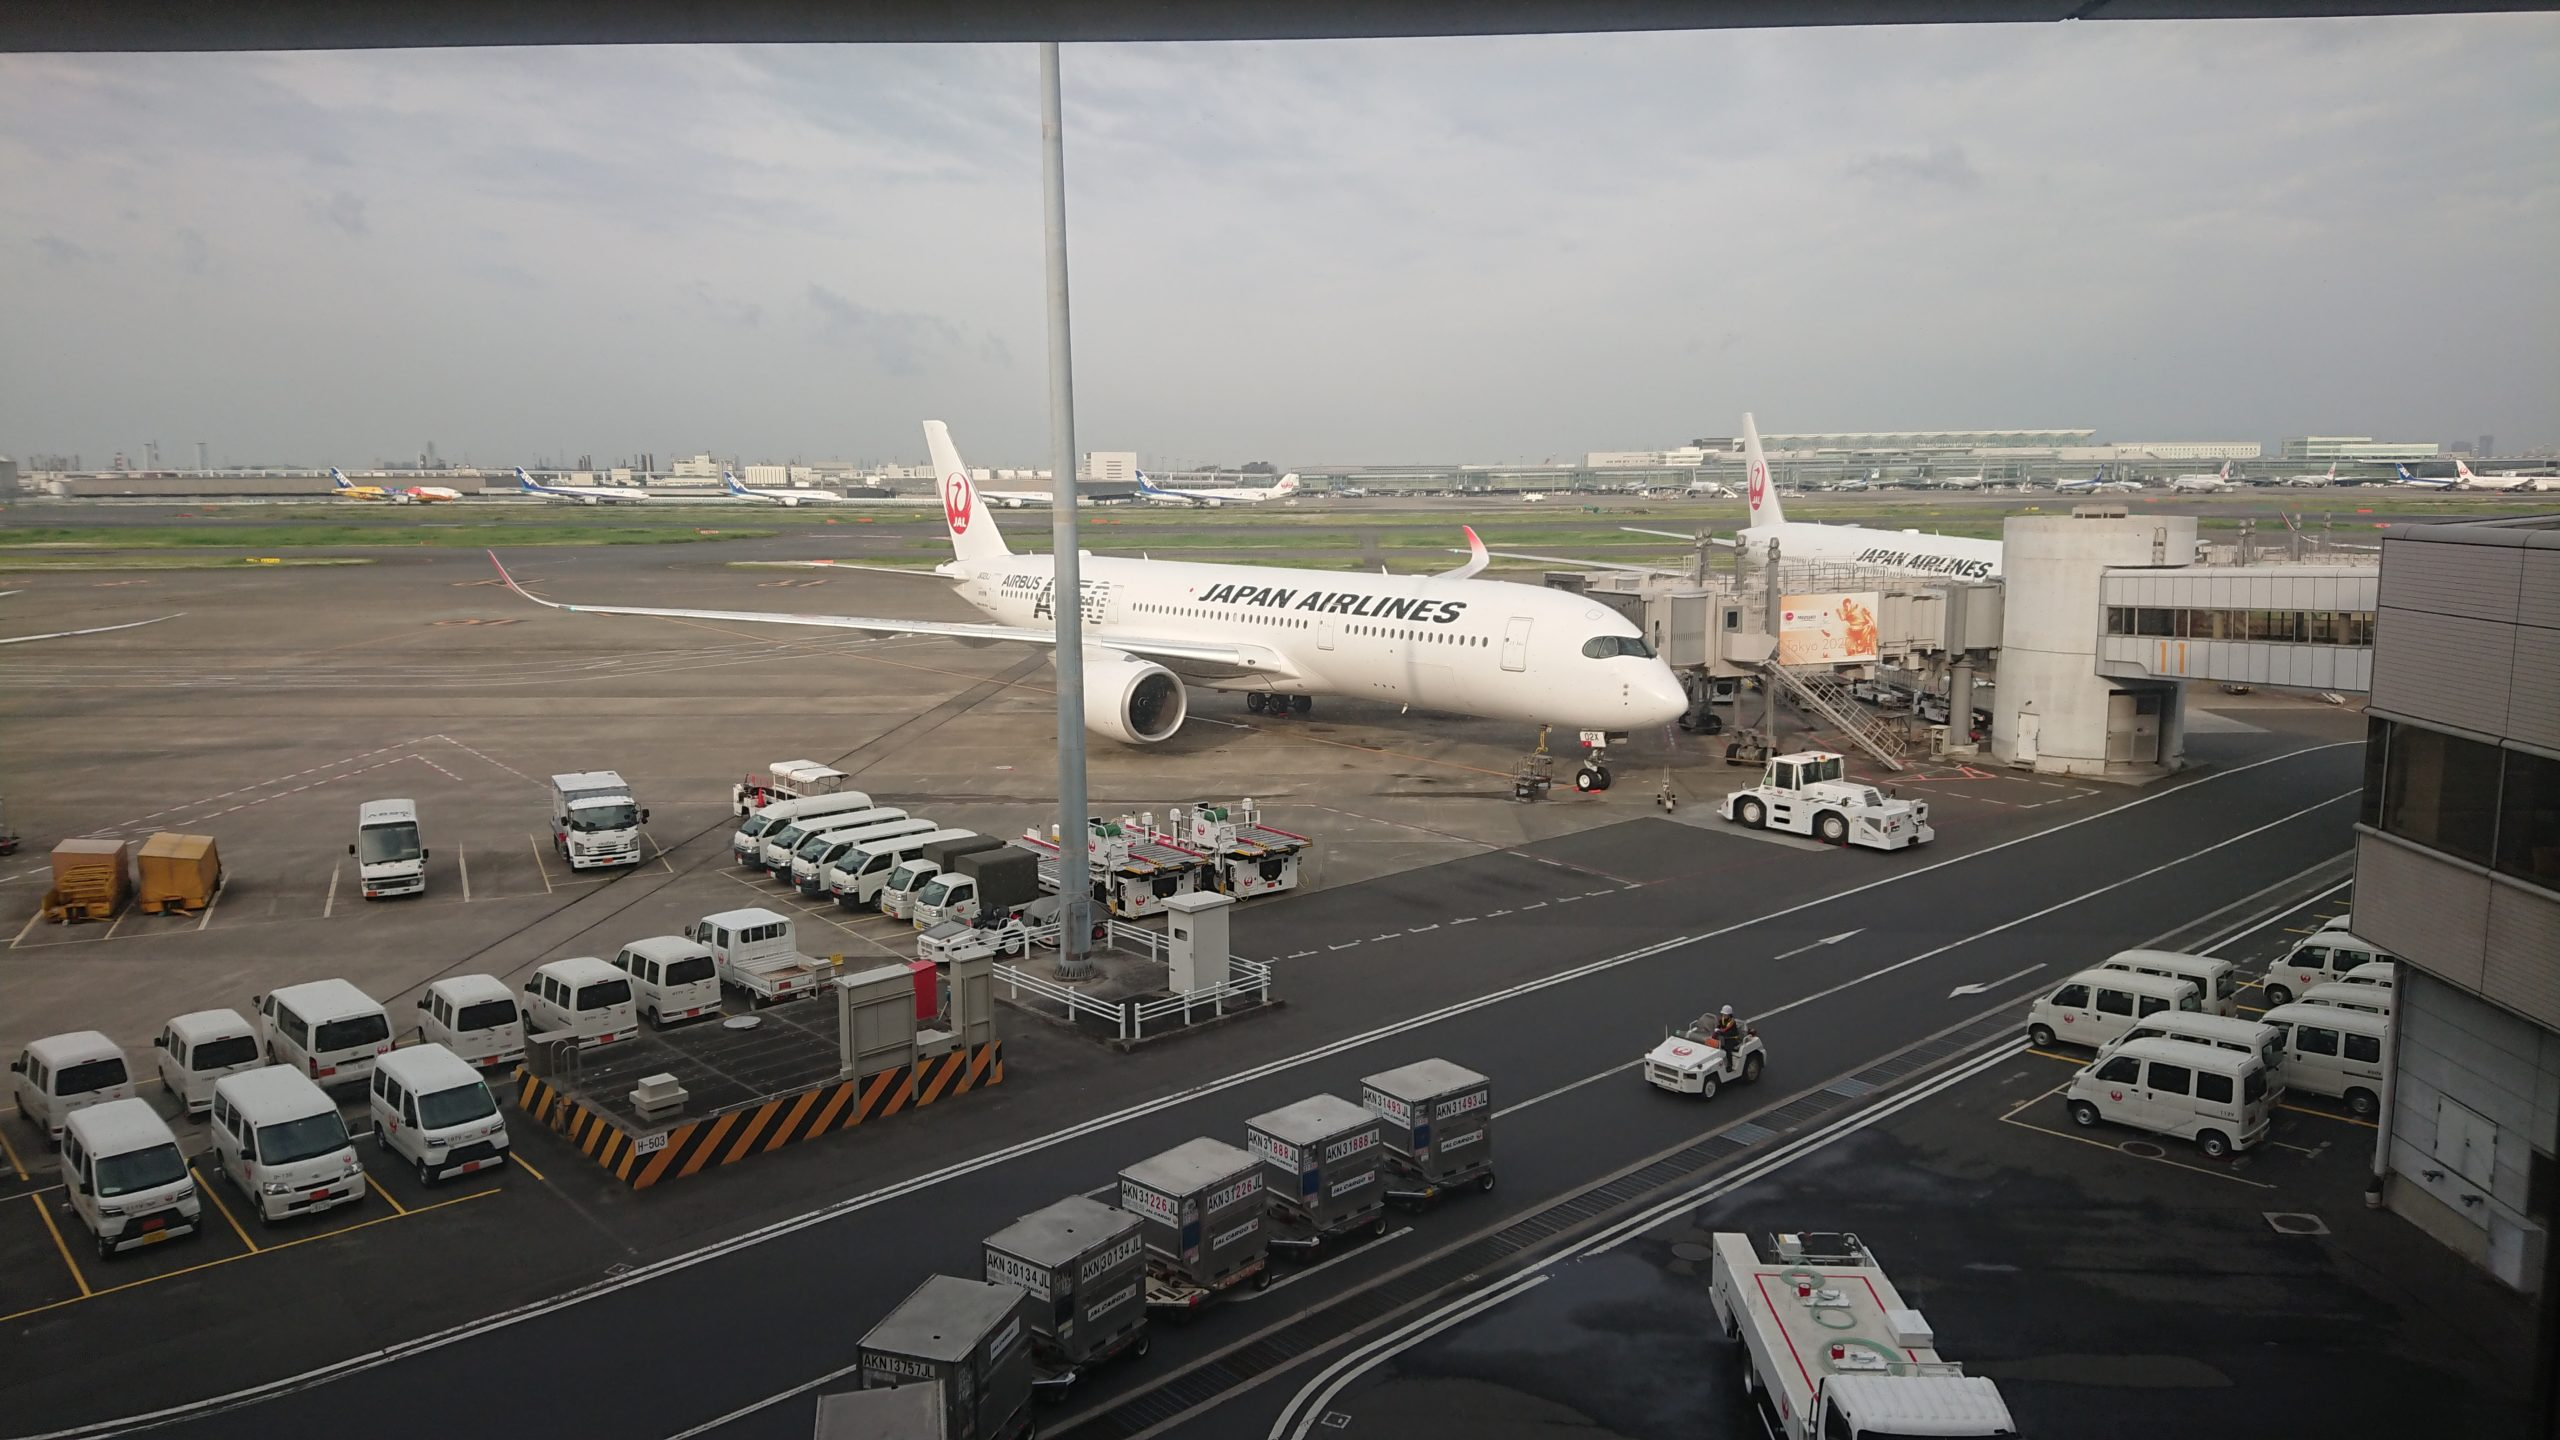 羽田空港 第一ターミナル 南ウィング JAL DIAMOND PREMIER LOUNGE 20年05月訪問